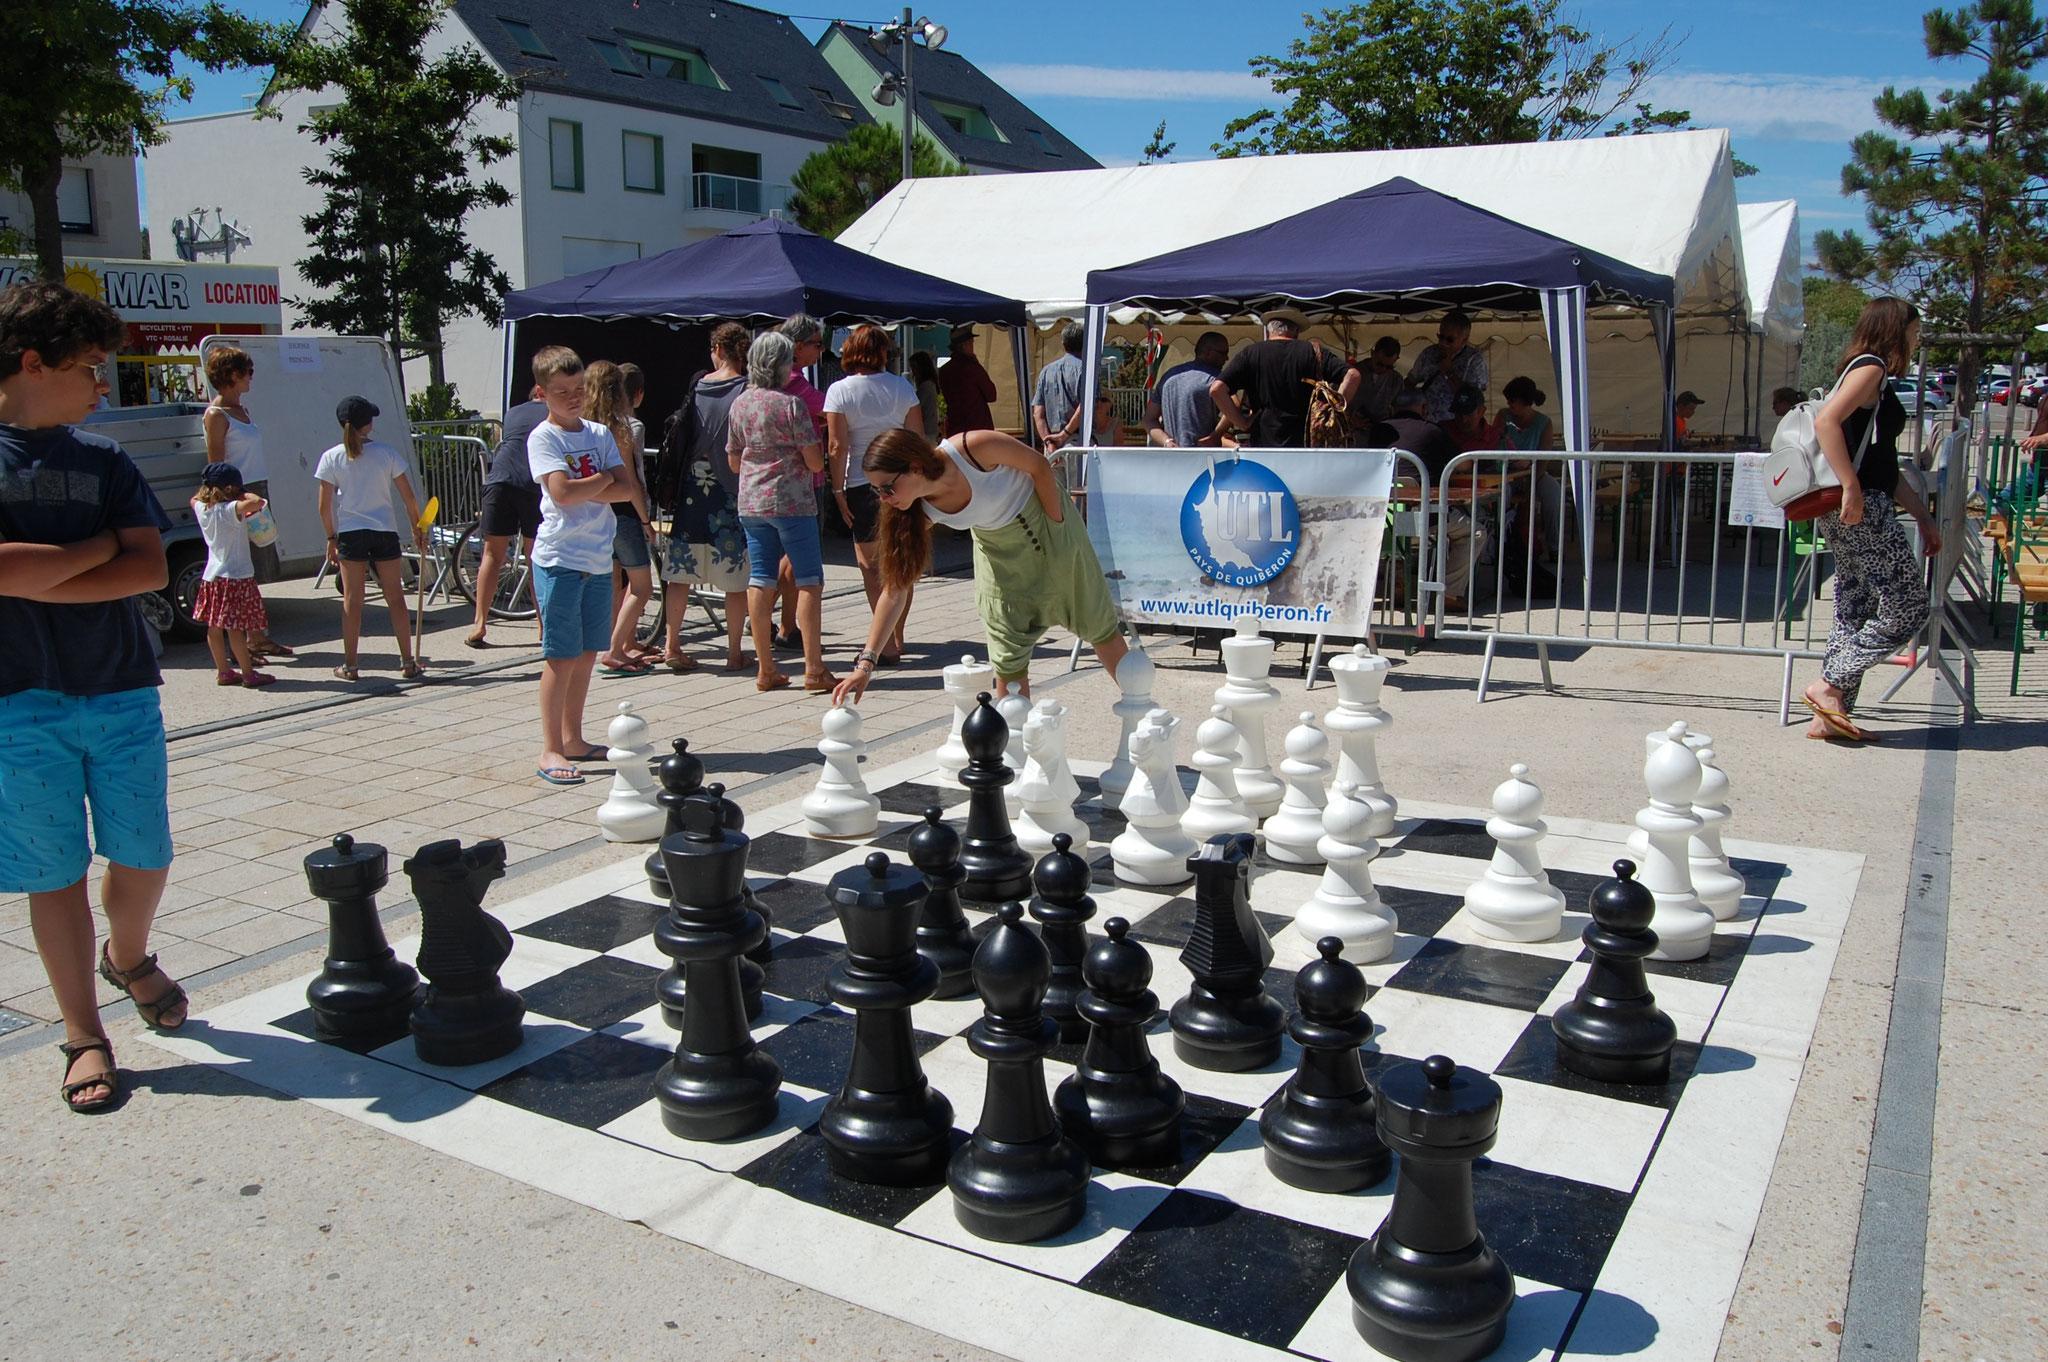 tournois d'échecs août 2016